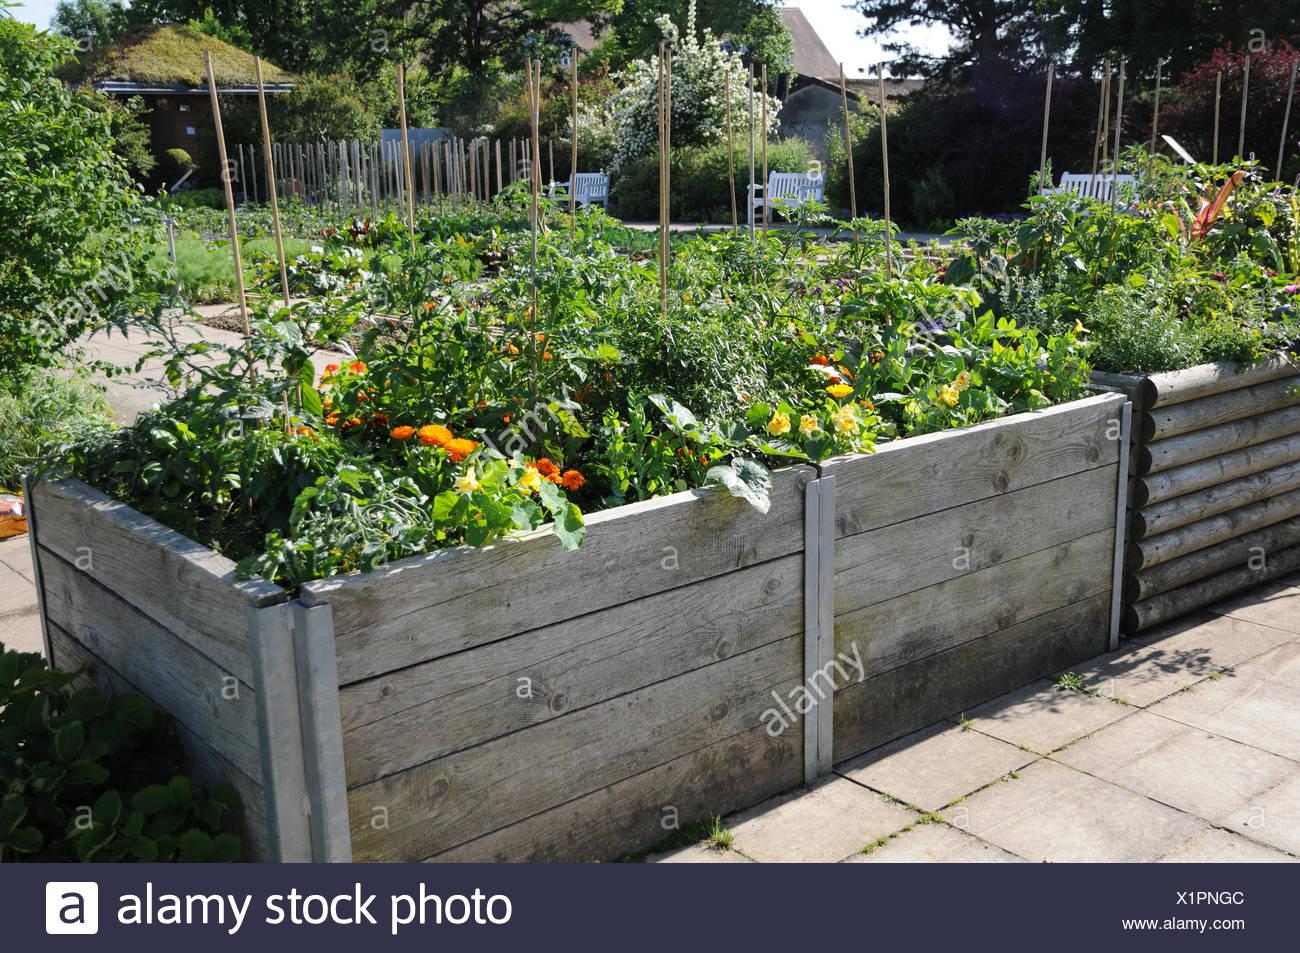 Hochbeet Mit Gemuse Und Blumen Stockfoto Bild 276480412 Alamy